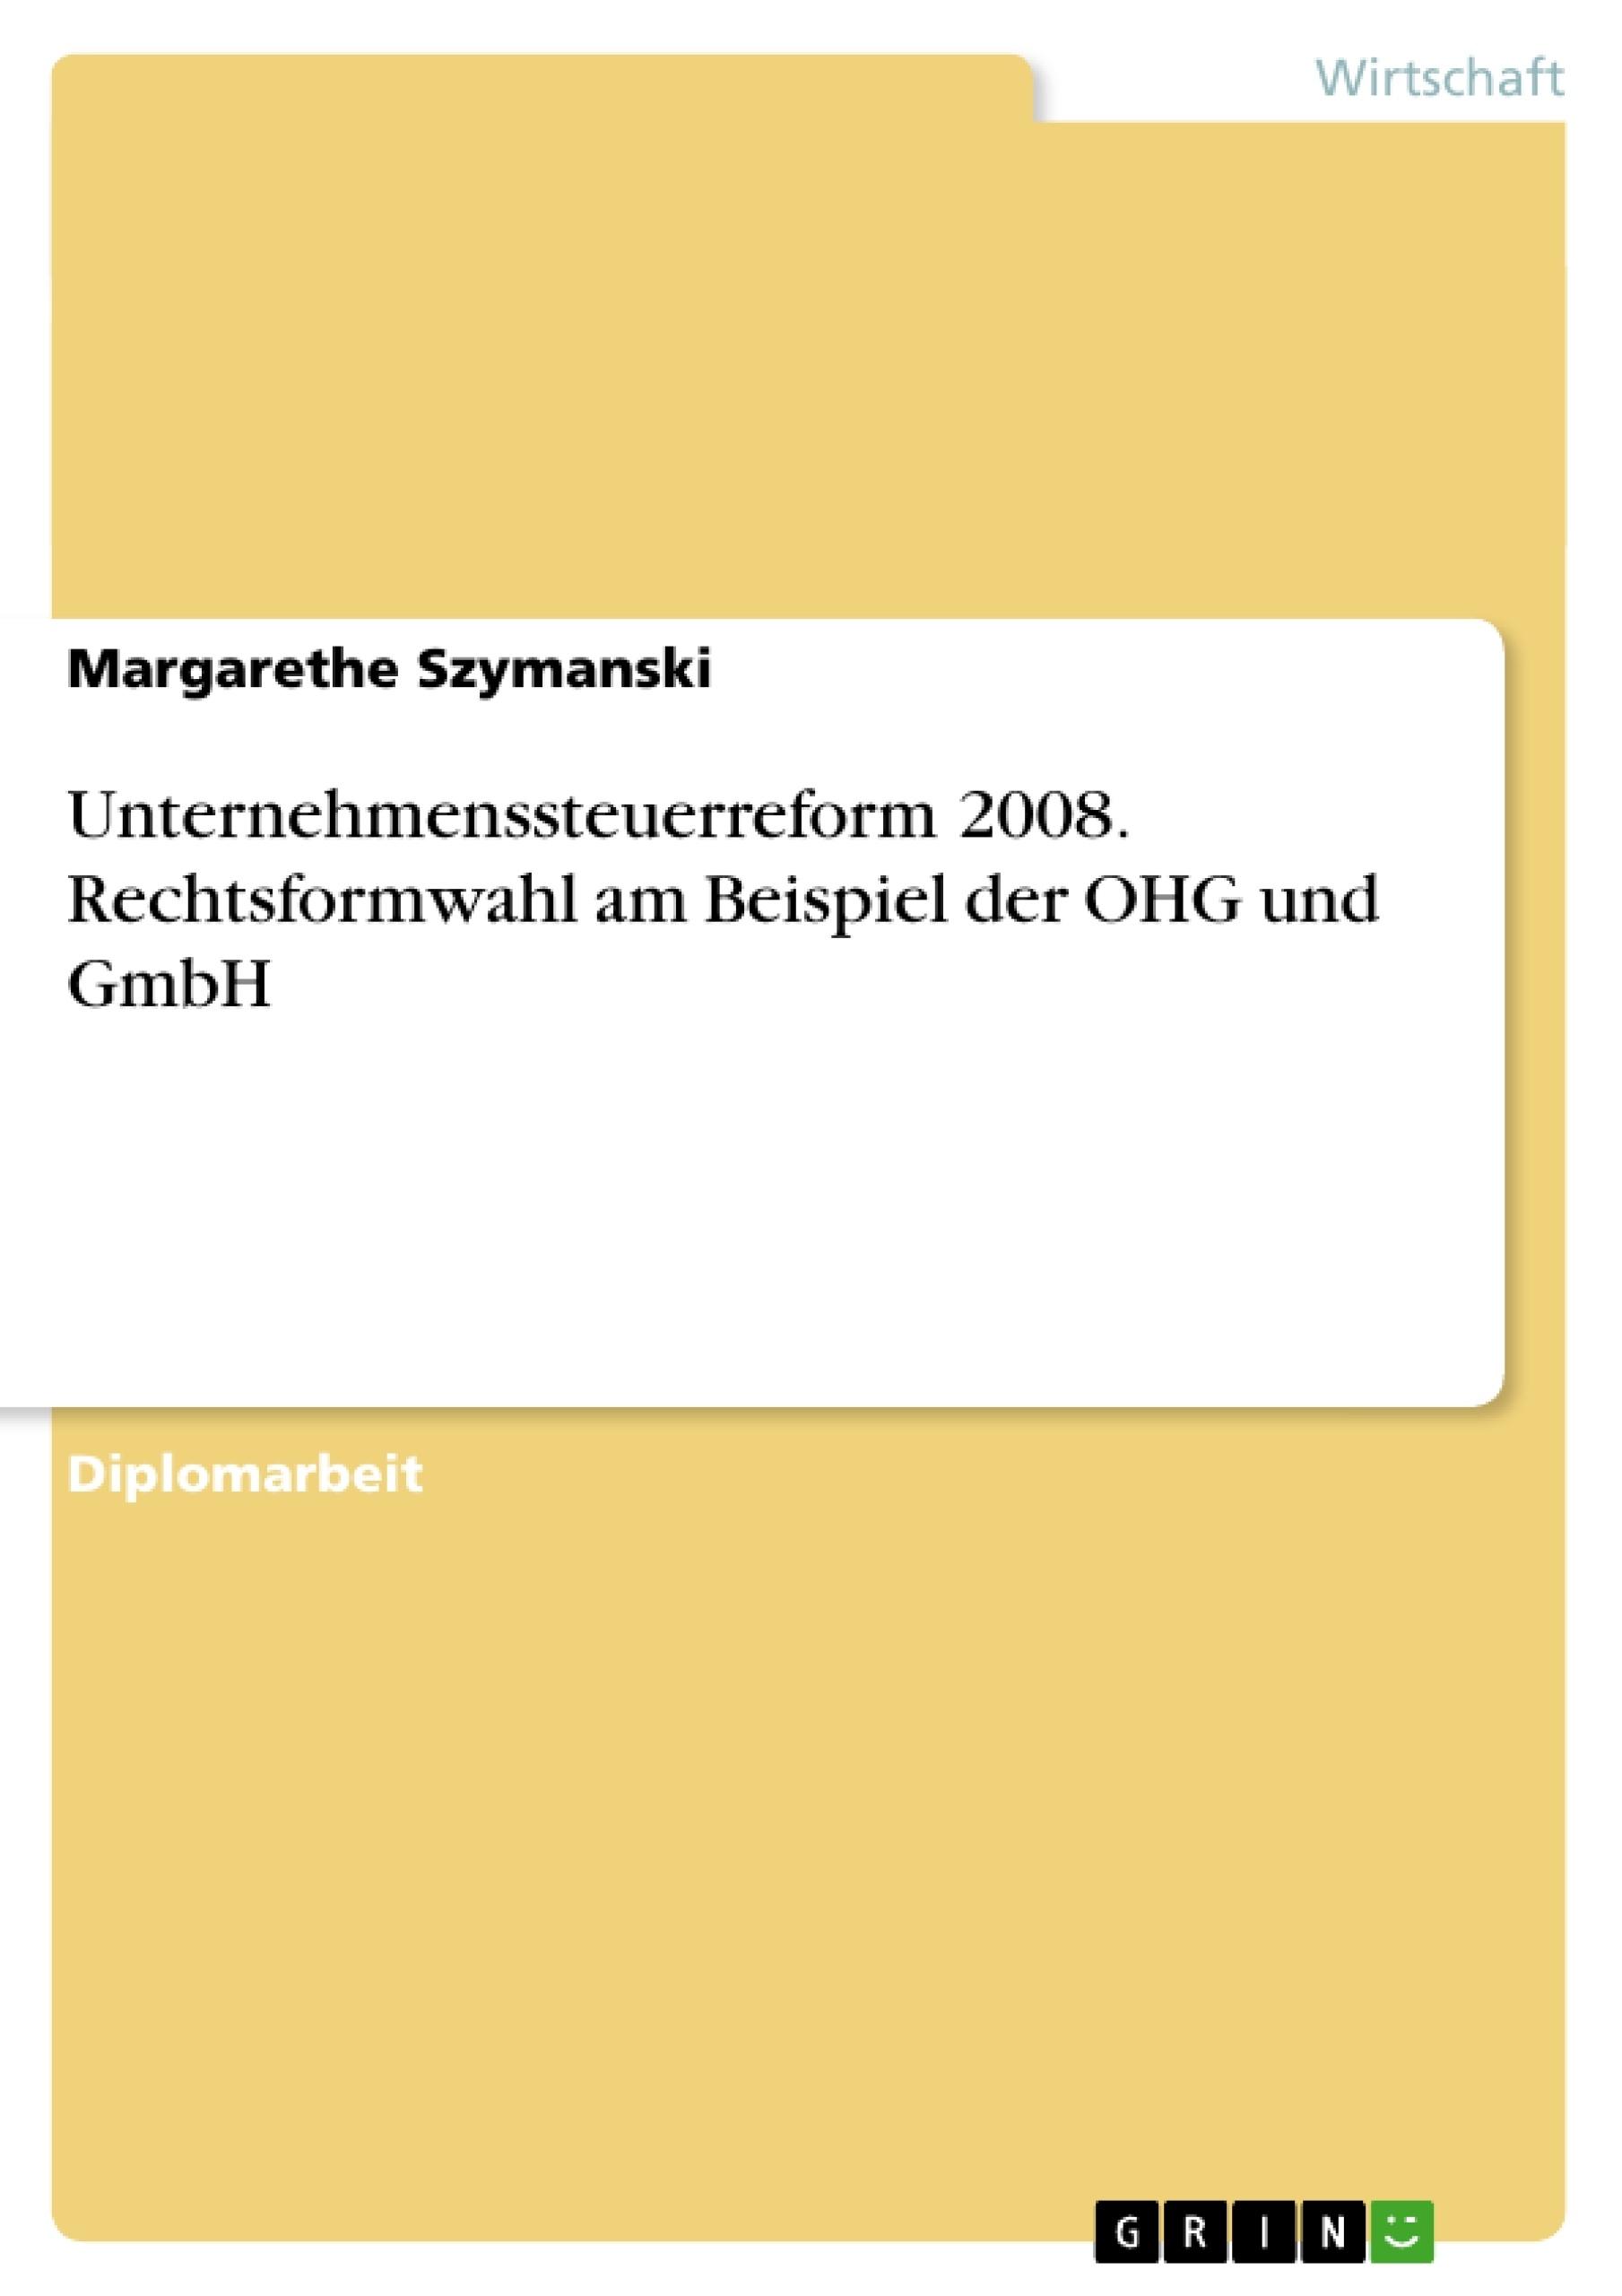 Titel: Unternehmenssteuerreform 2008. Rechtsformwahl am Beispiel der OHG und GmbH